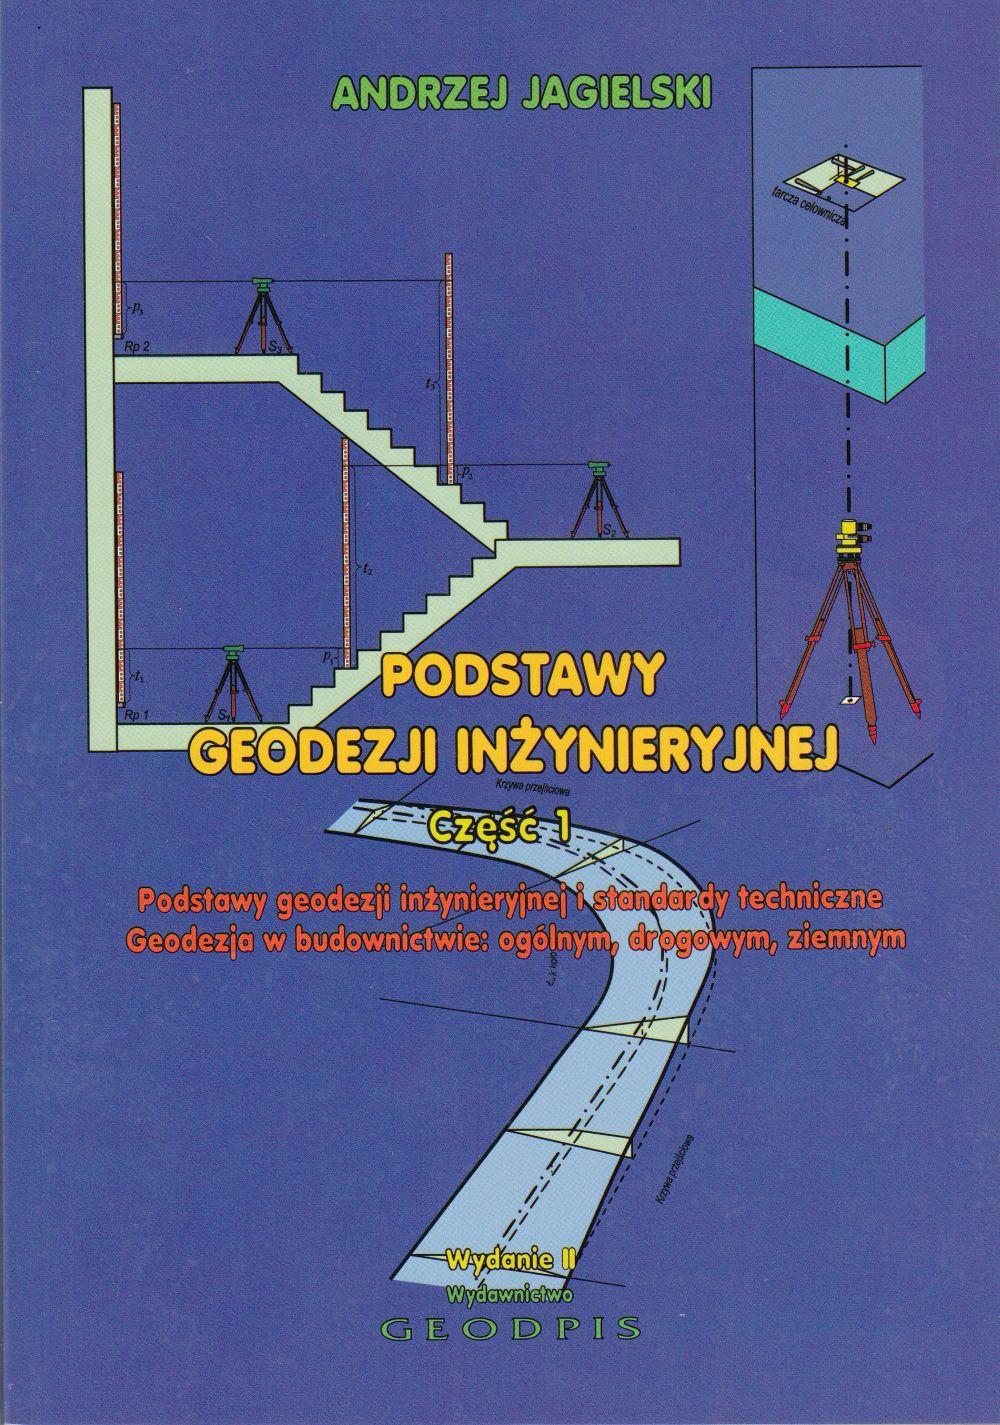 Podstawy geodezji inżynieryjnej i standardy techniczne cz.1 Geodezja w budownictwie: ogólnym, drogowym i ziemnym